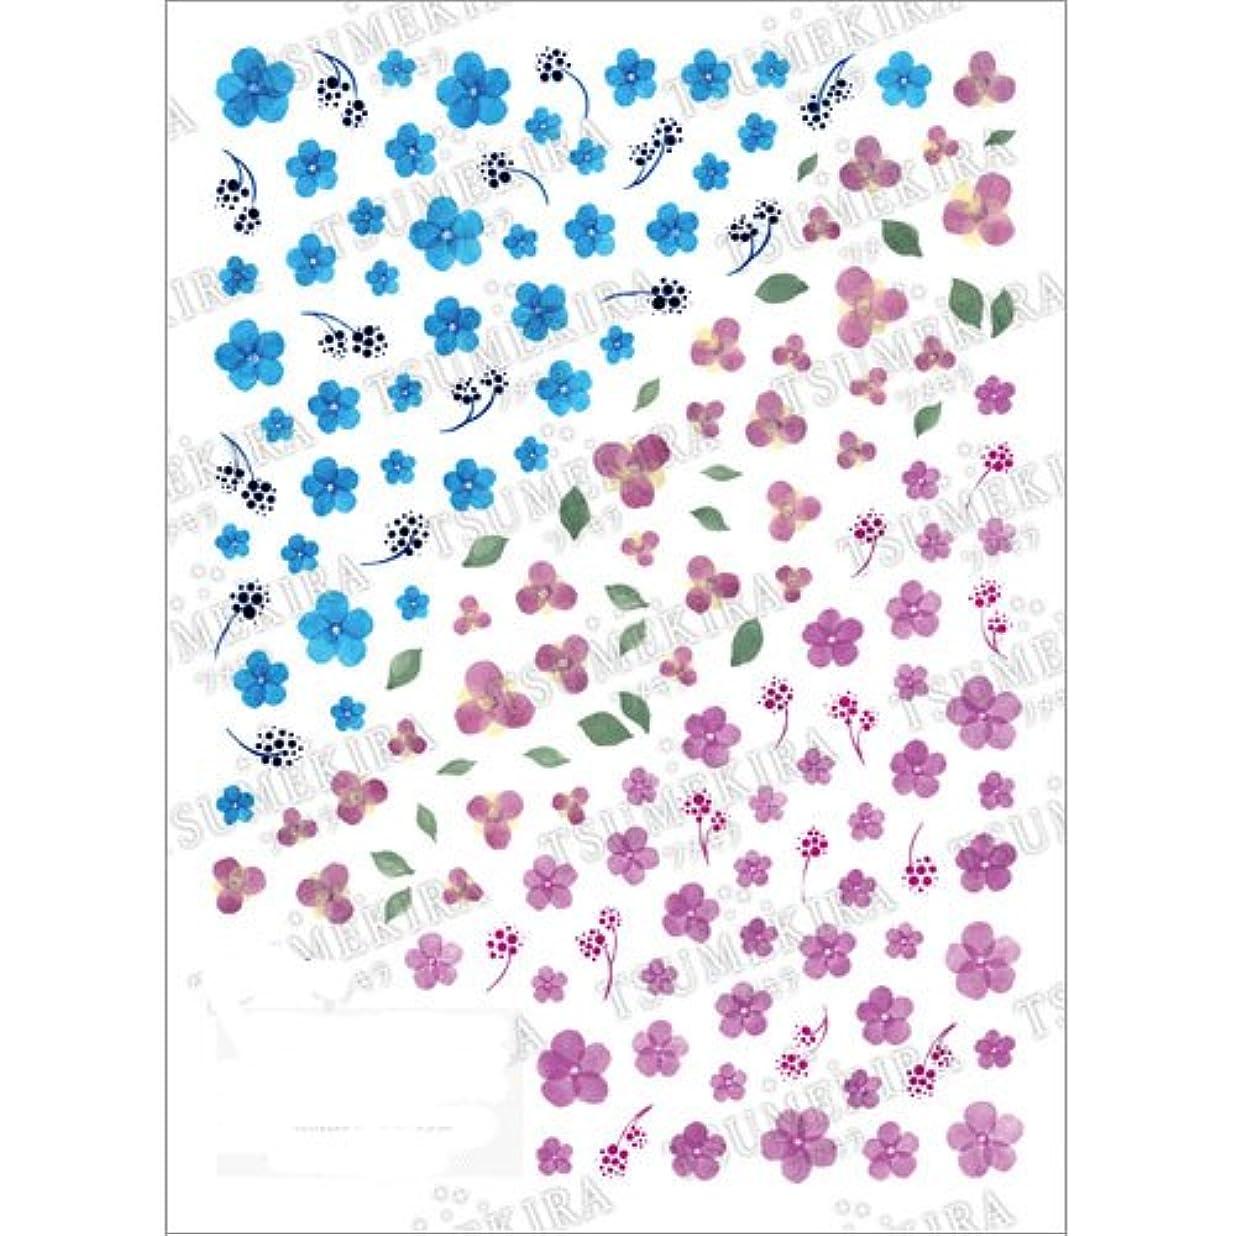 ツメキラ ネイル用シール 工藤恭子プロデュース3 水彩フラワー NN-PRD-703